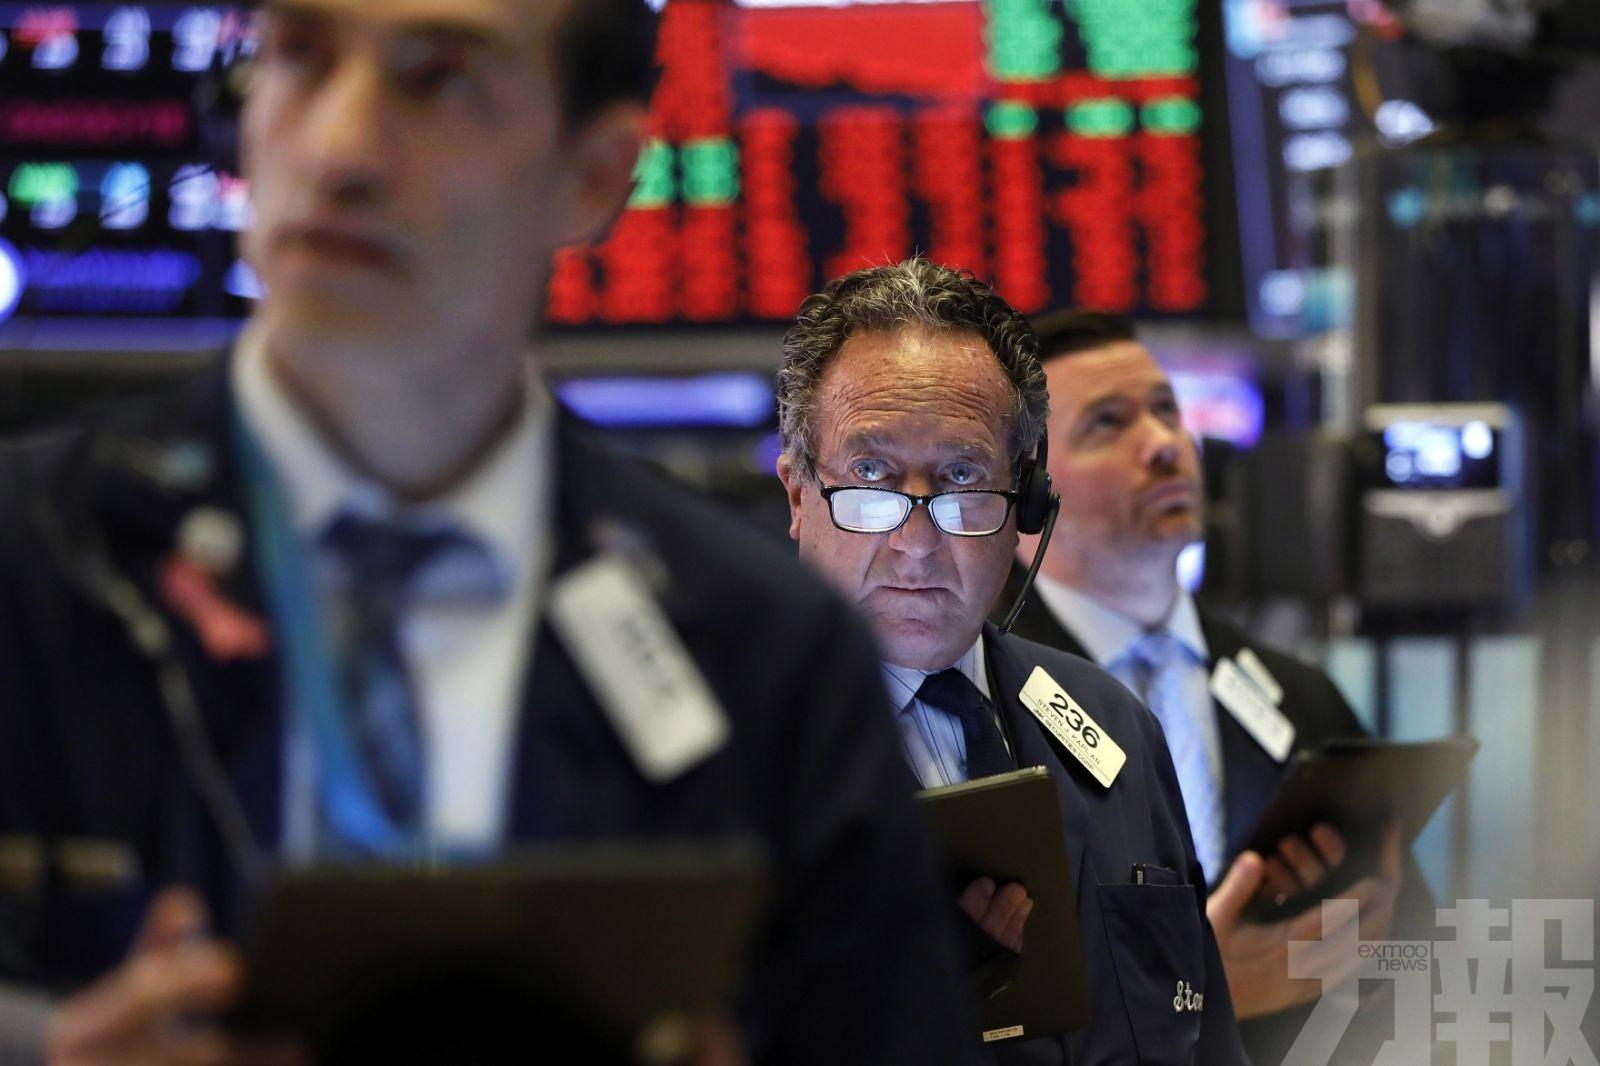 道指期貨升近百點 港股開市彈121點報25,848